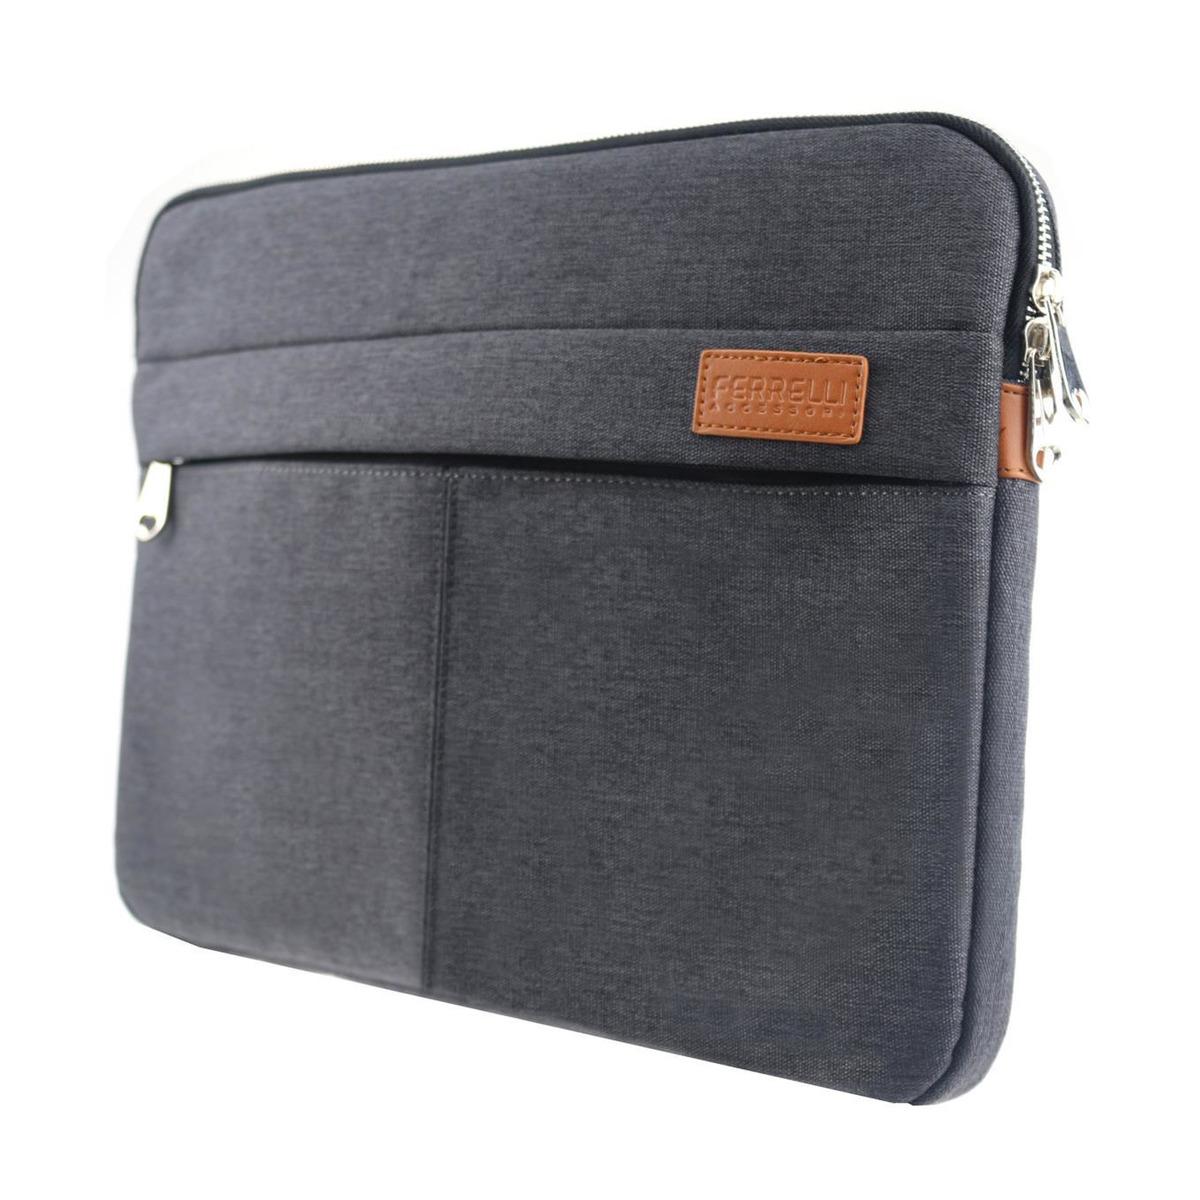 Ferrelli Casual Laptop Bag Slim 14